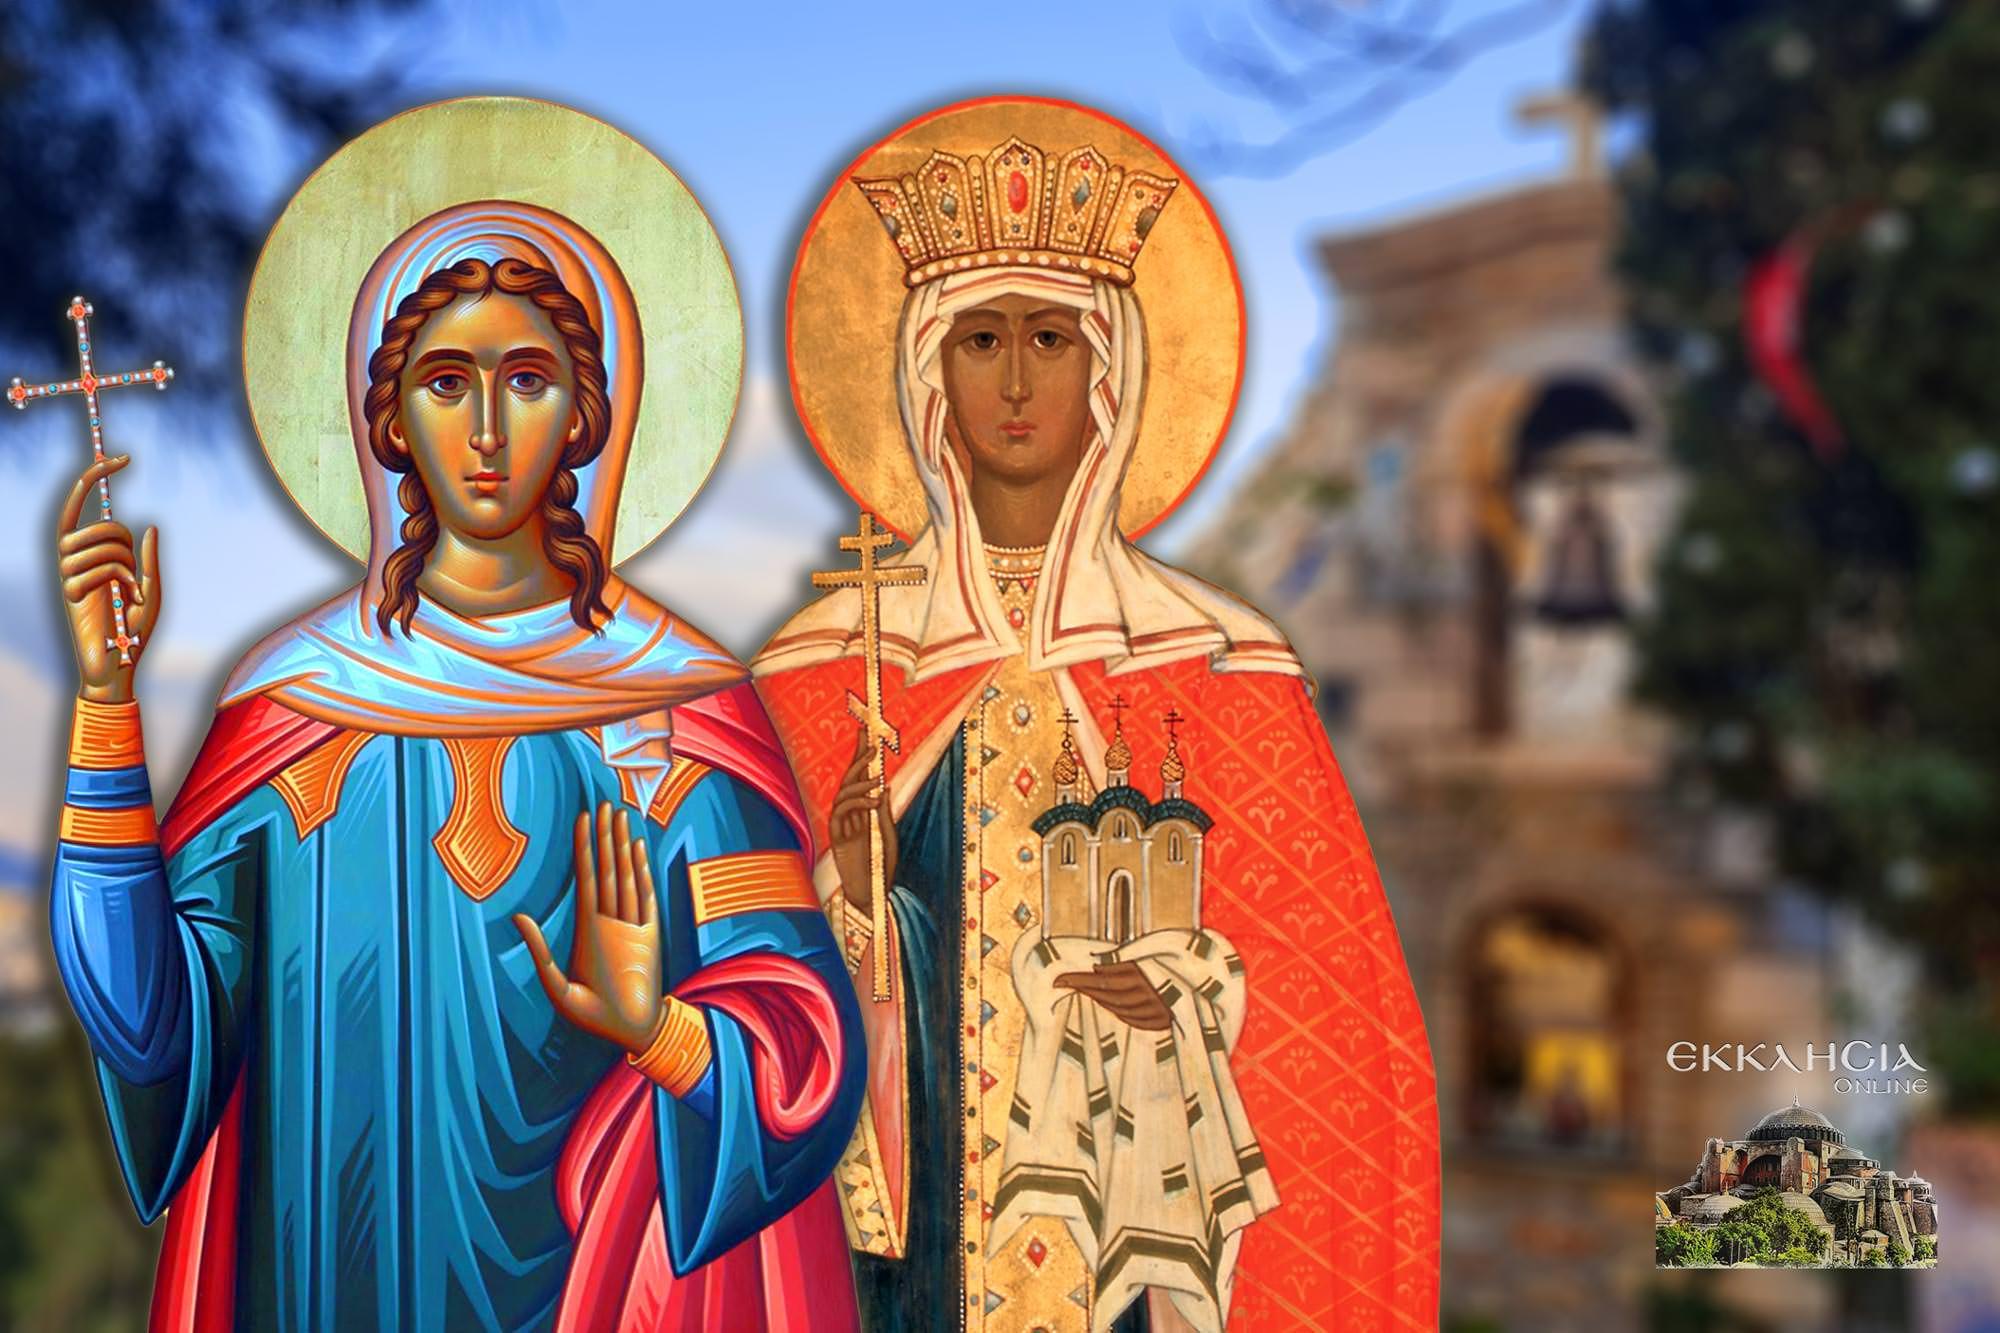 Αγία Ευφημία Αγία Όλγα 11 Ιουλίου Λυκαβηττός